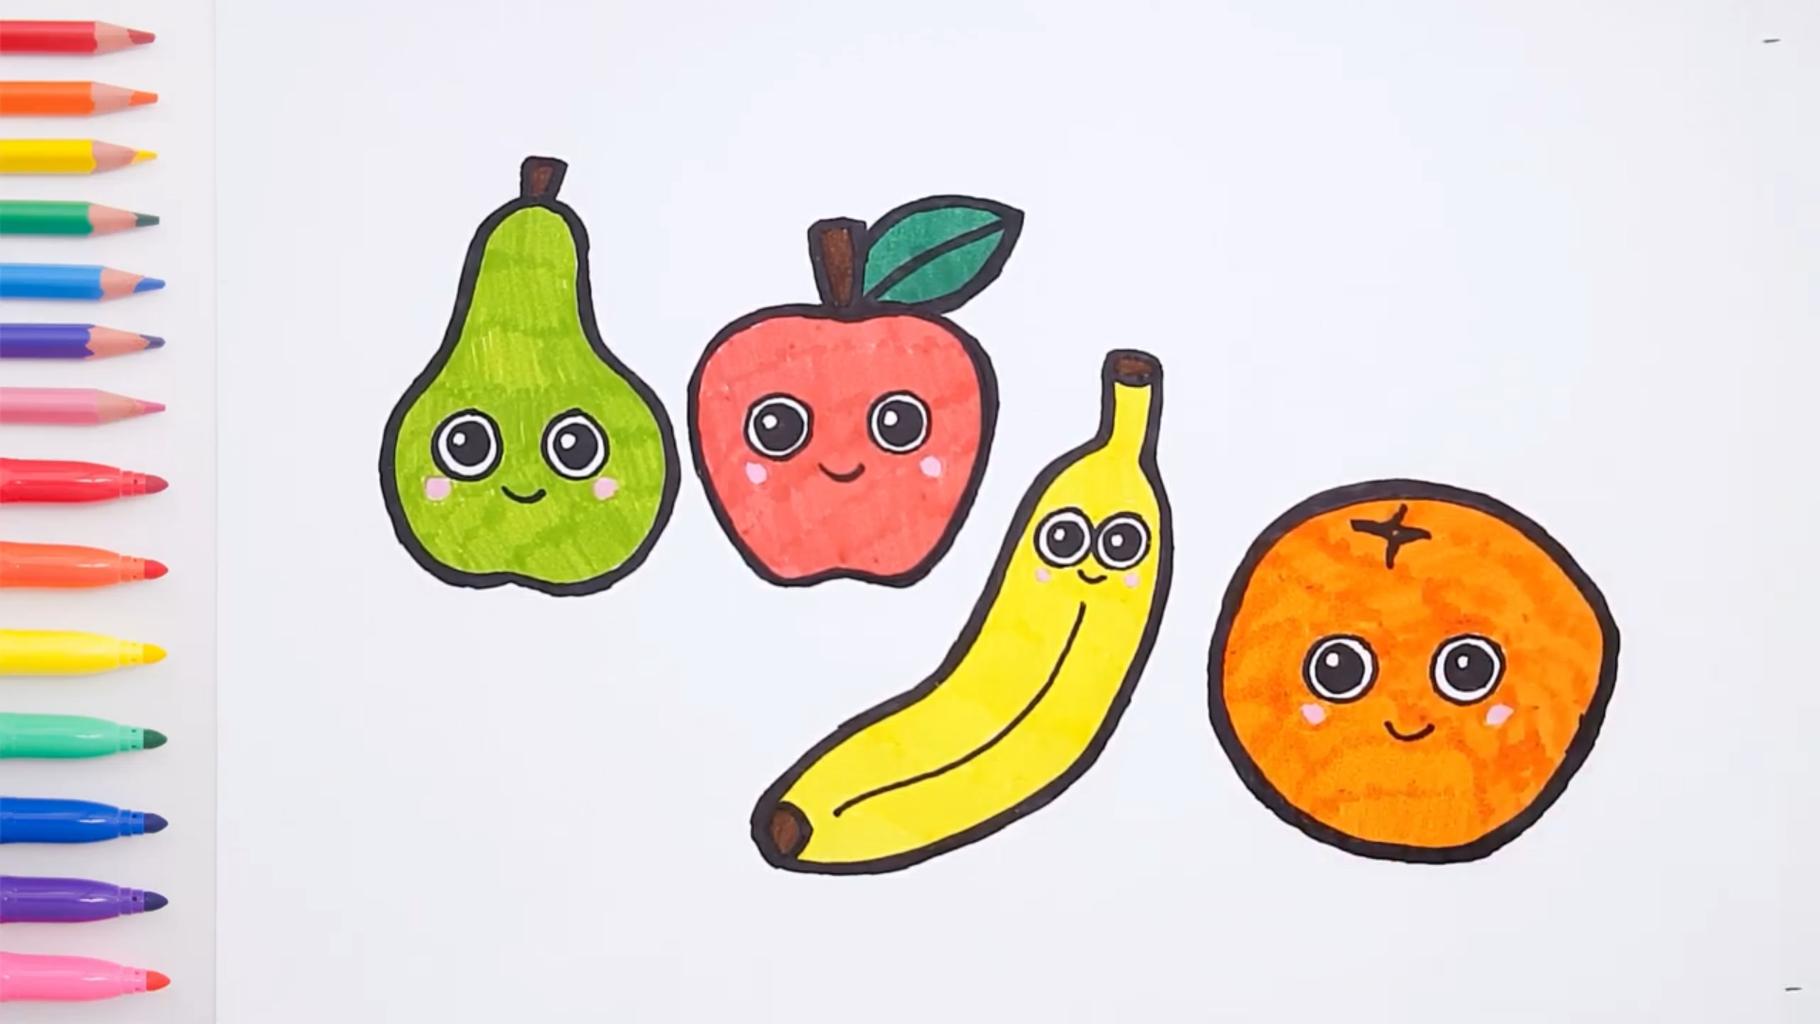 Color the Orange